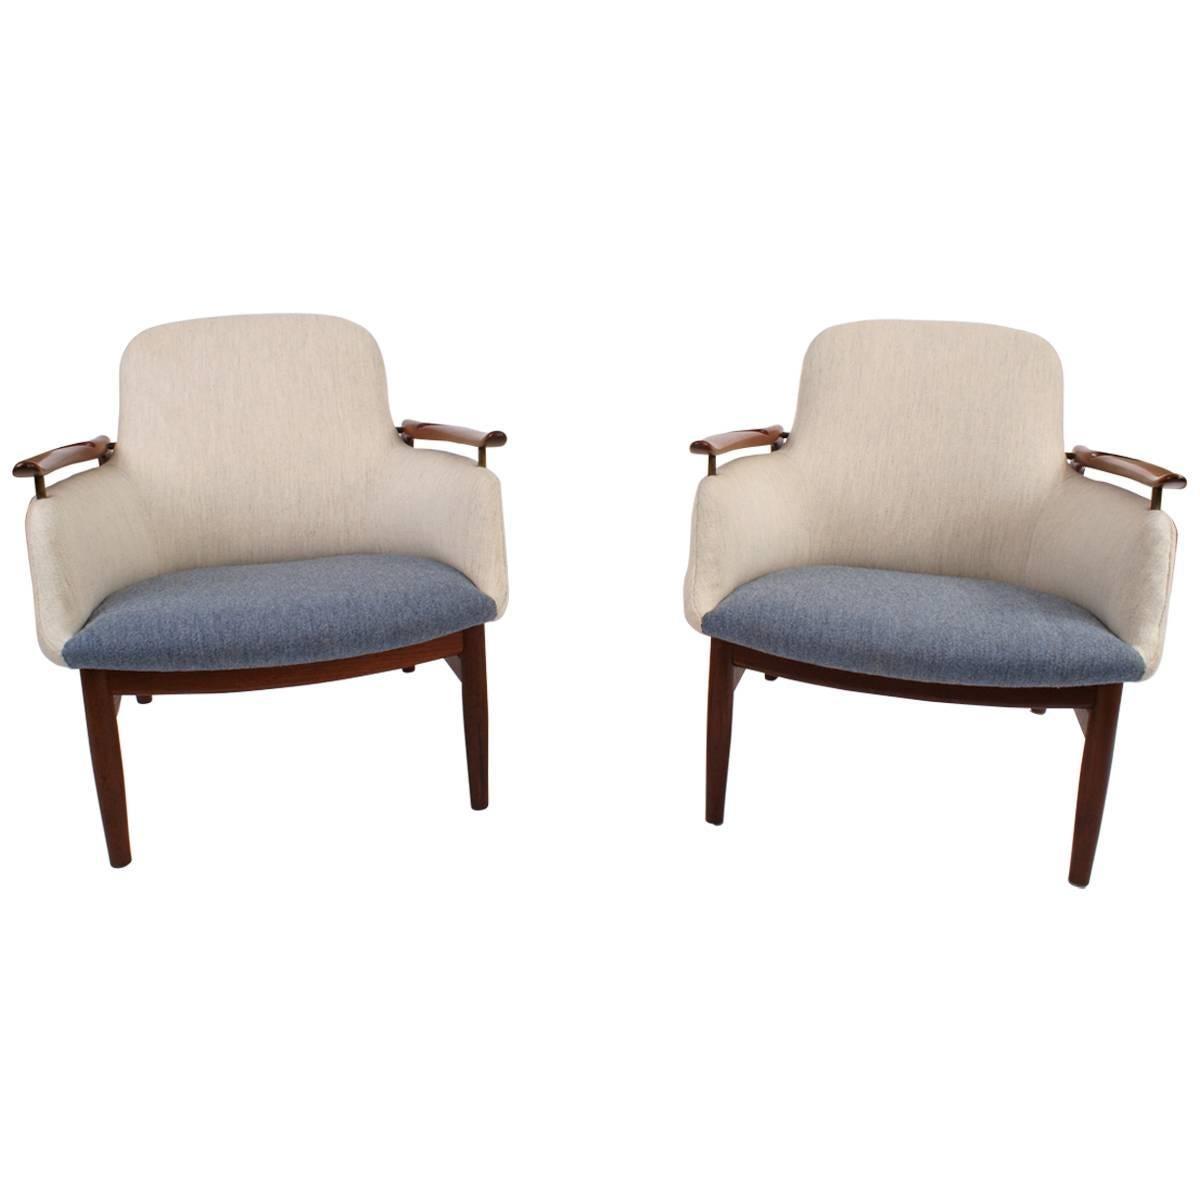 Finn Juhl Pair of NV53 Easy Chairs in Teak for Niels Vodder, 1953